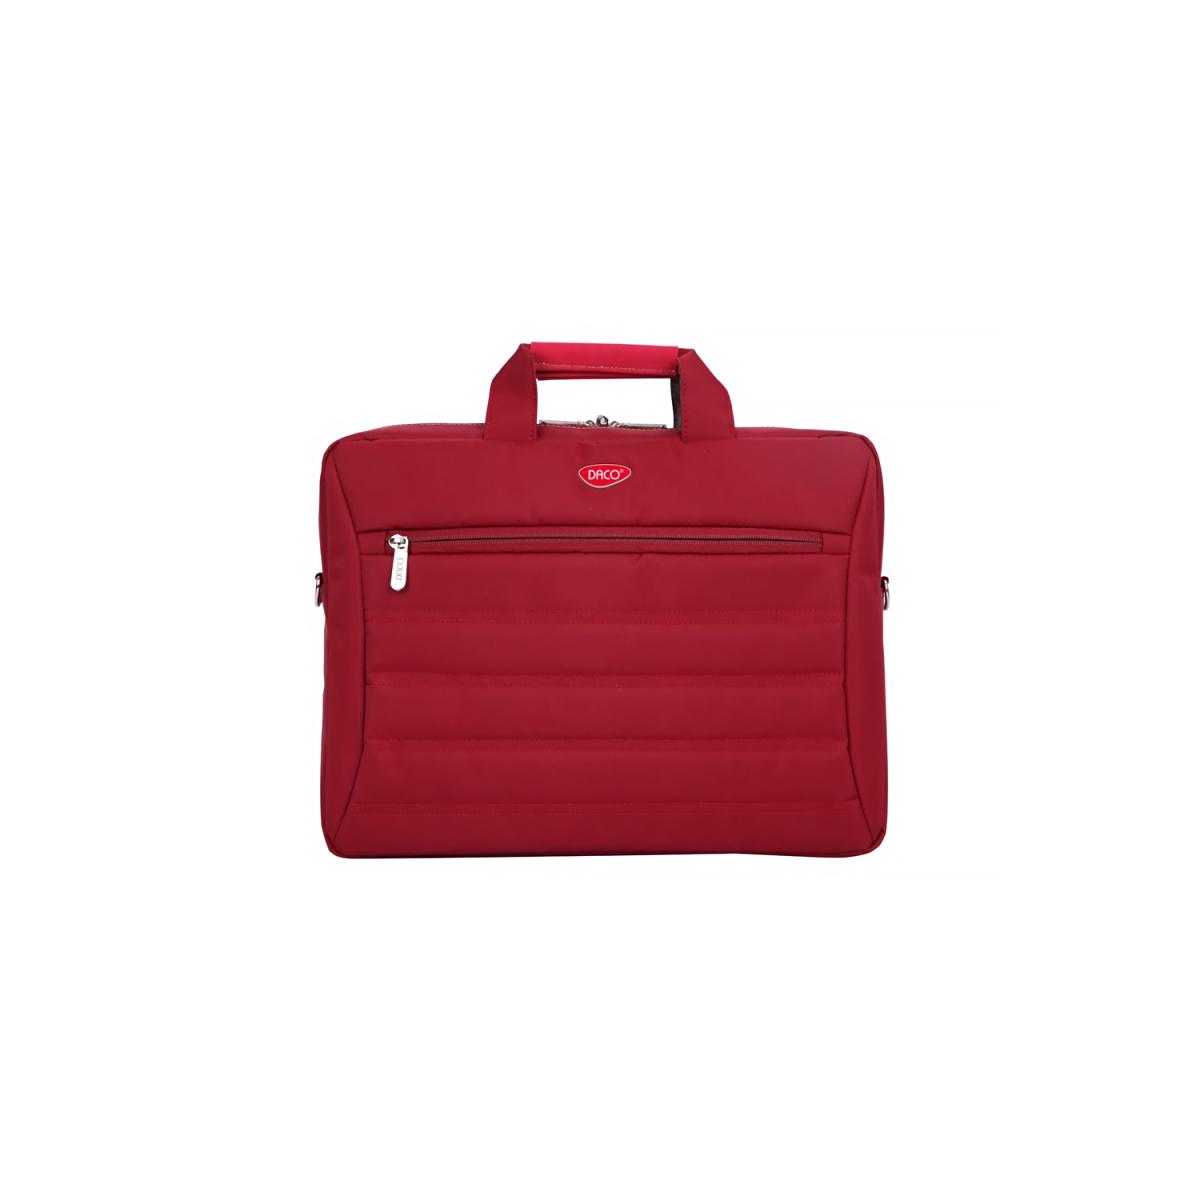 Geantă Pentru Laptop, 15.6 Inch, Vișiniu, Daco, GL166